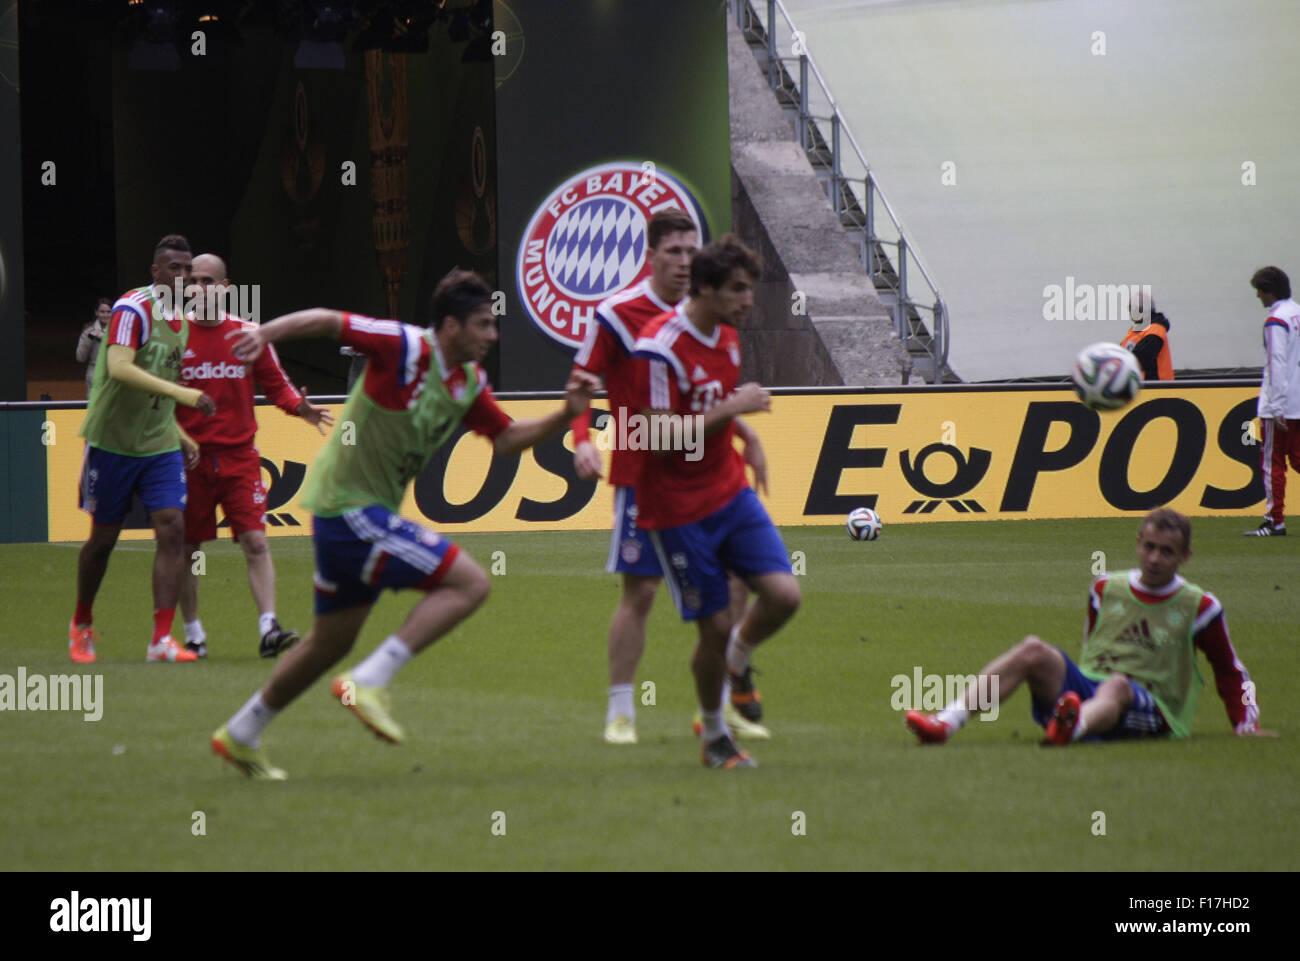 Impressionen - Formazione des FC Bayern Muenchen vor dem anstehenden Finale um den DFB-Pokal zwischen Borussia Dortmund und dem FC Foto Stock